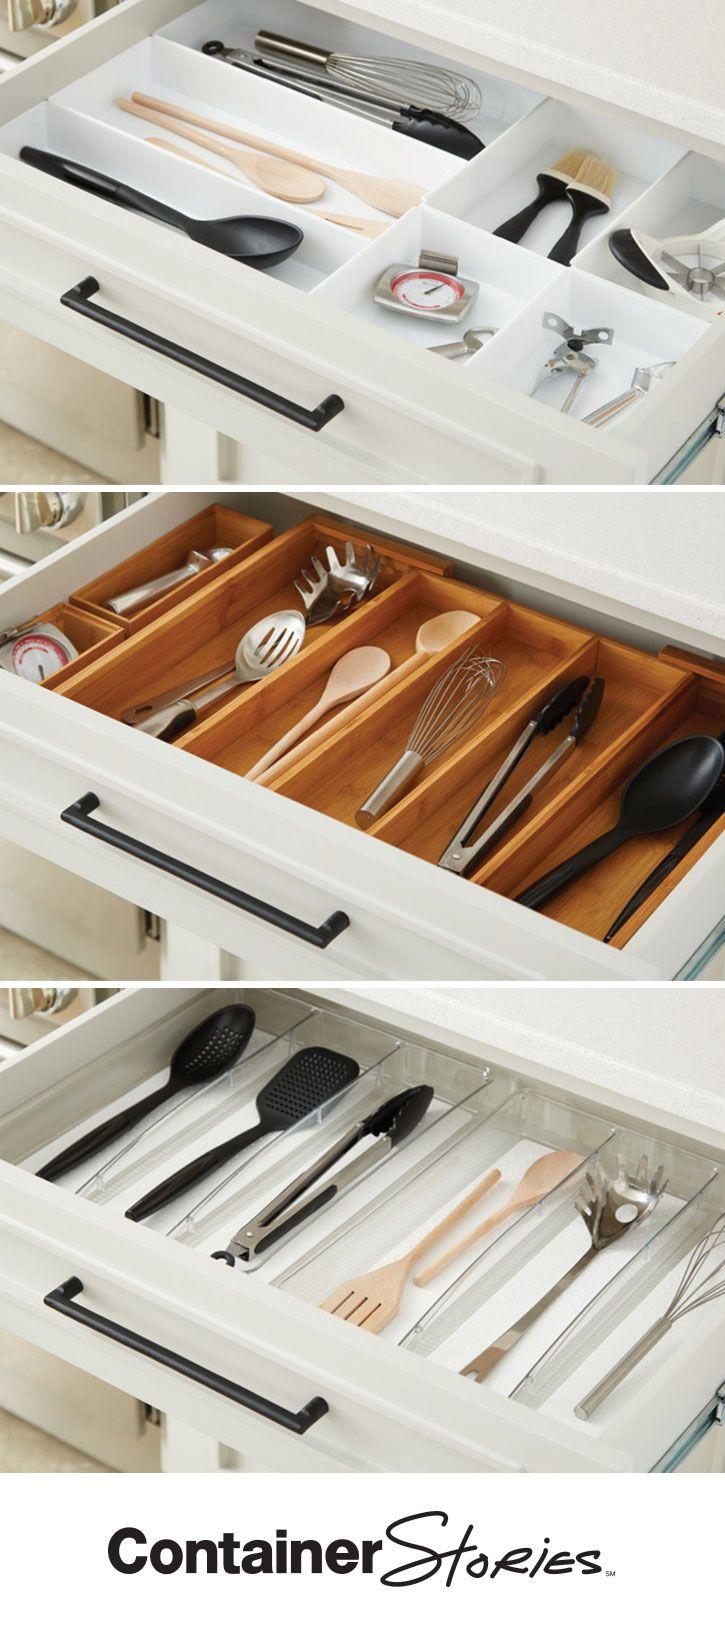 609 best Kitchen Organization images on Pinterest | Organizations ...